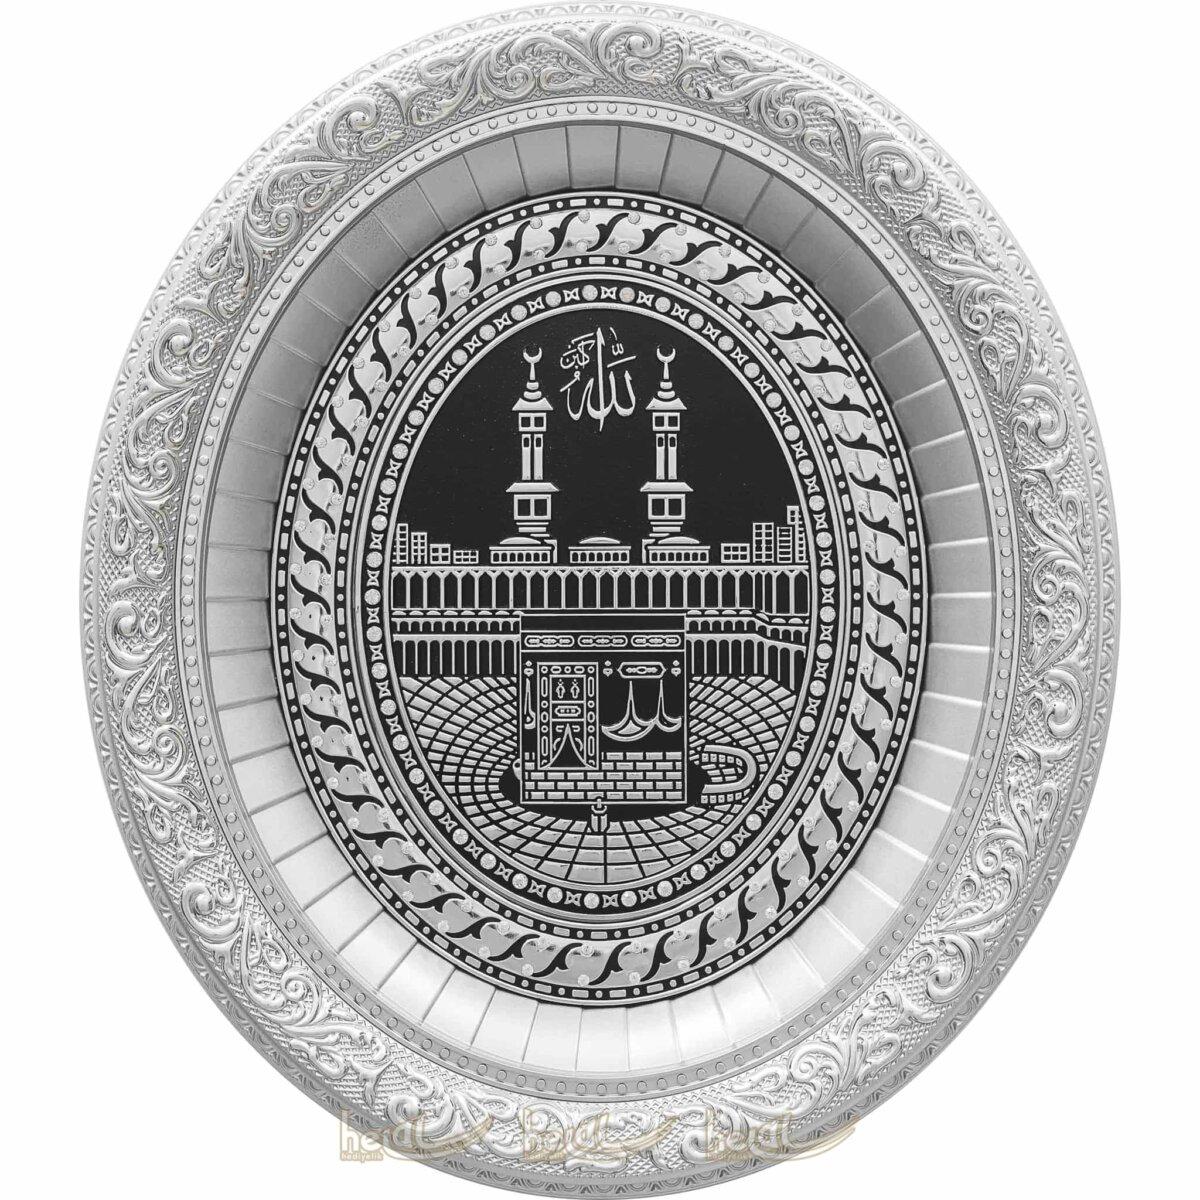 32x37cm Kabe-i Şerif Mekke Hac Dini Hediye Masa Üstü ve Duvar için Mini Camlı Çerçeveli Tablo Kabe